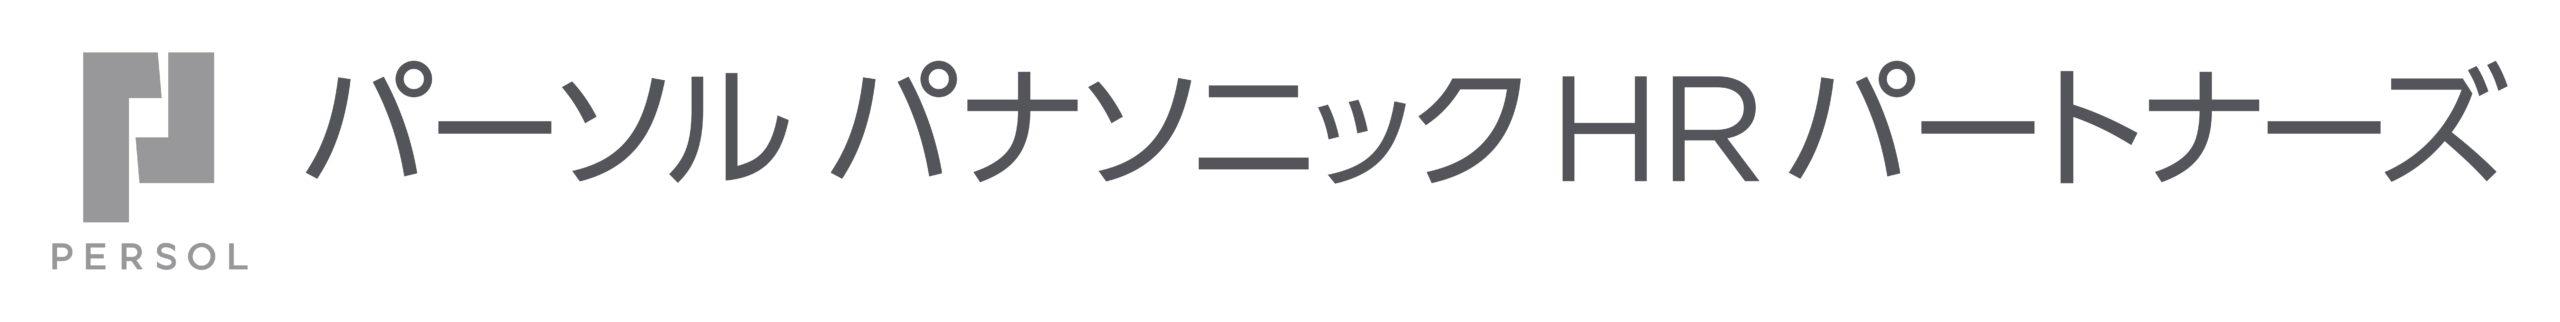 パーソルパナソニックHRパートナーズ株式会社